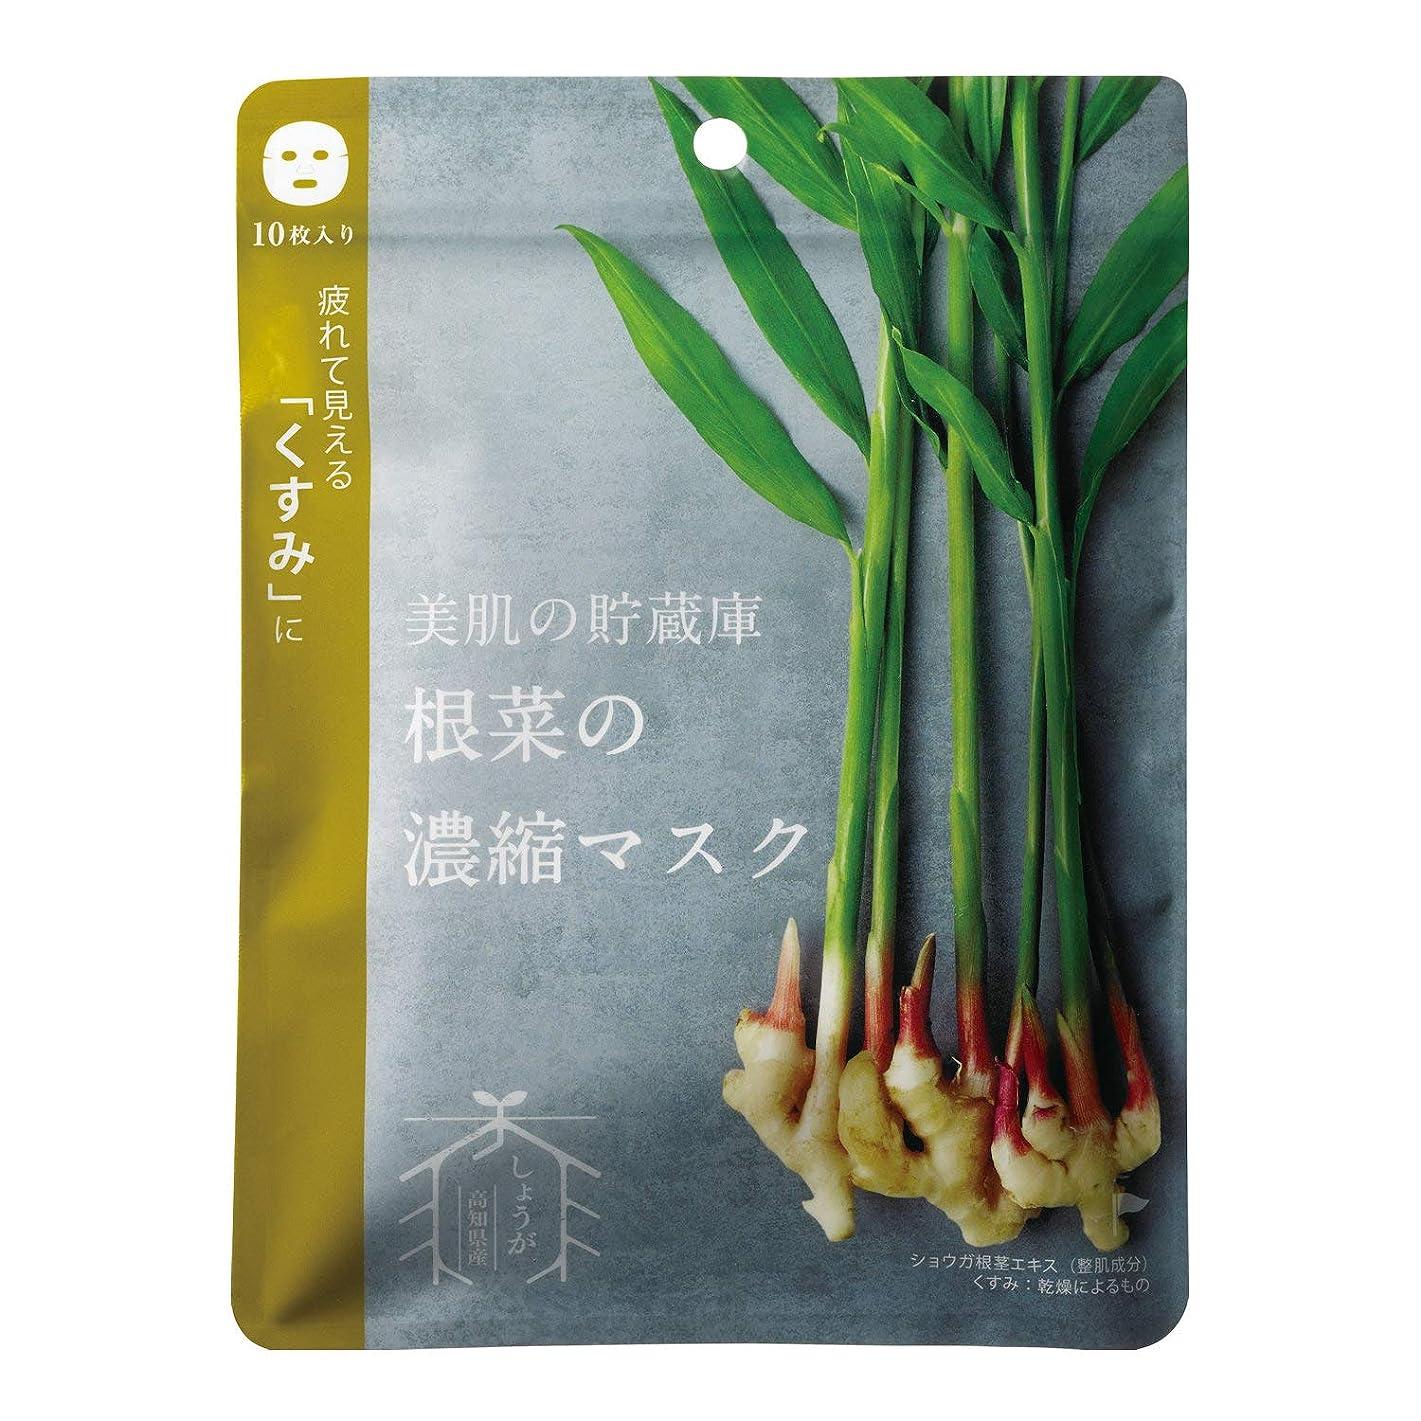 ペナルティ急行する阻害する@cosme nippon 美肌の貯蔵庫 根菜の濃縮マスク 土佐一しょうが 10枚 160ml